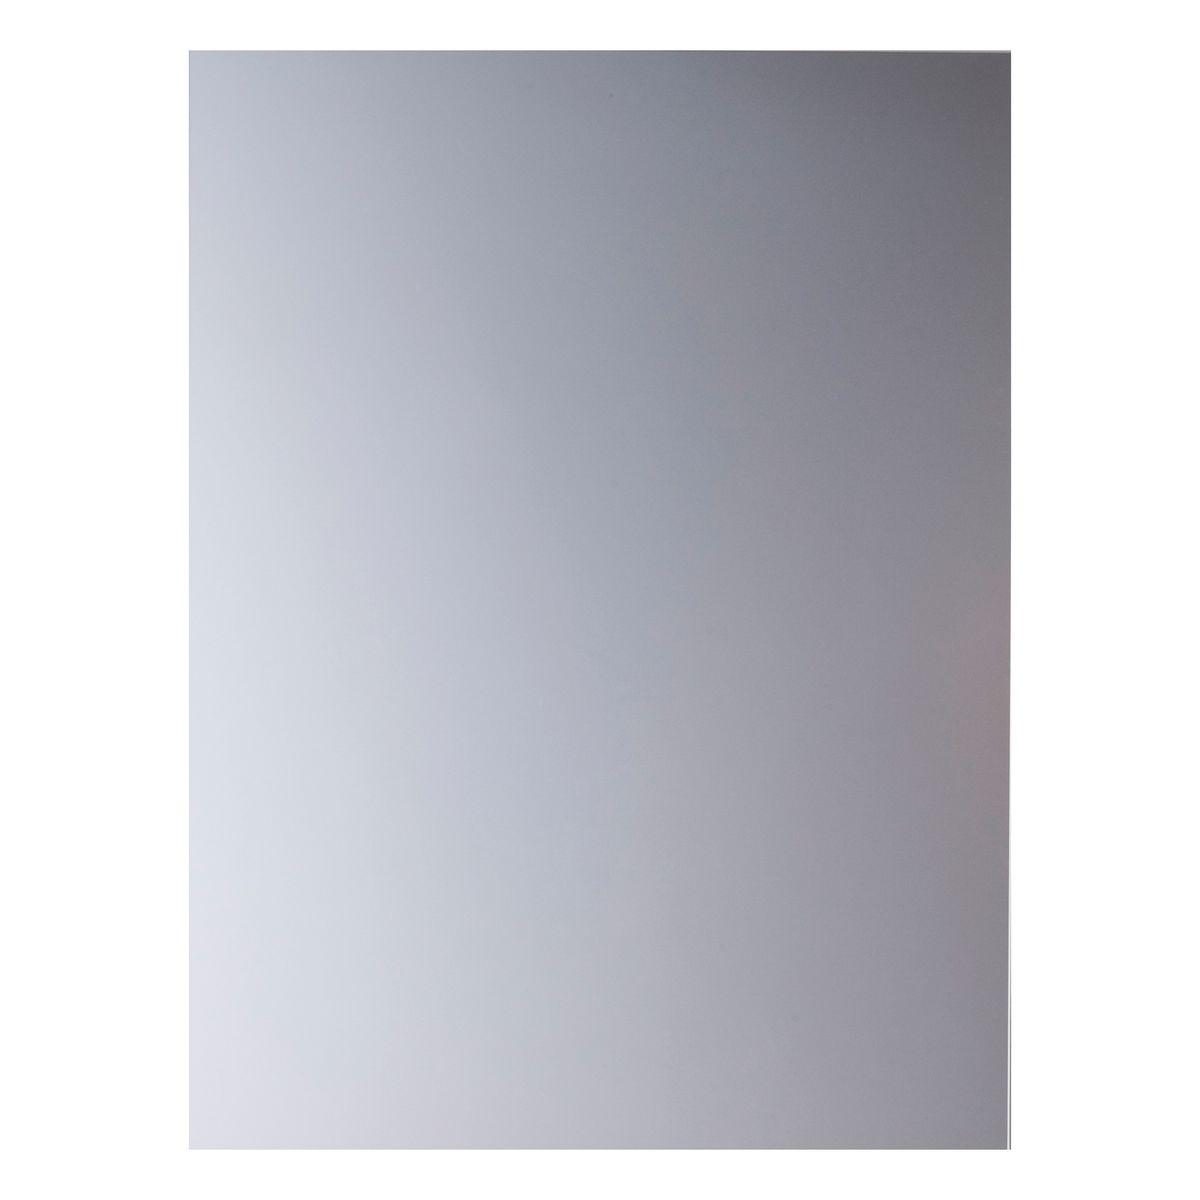 Specchio ovale bagno stunning specchio bagno basculante - Specchi da terra leroy merlin ...